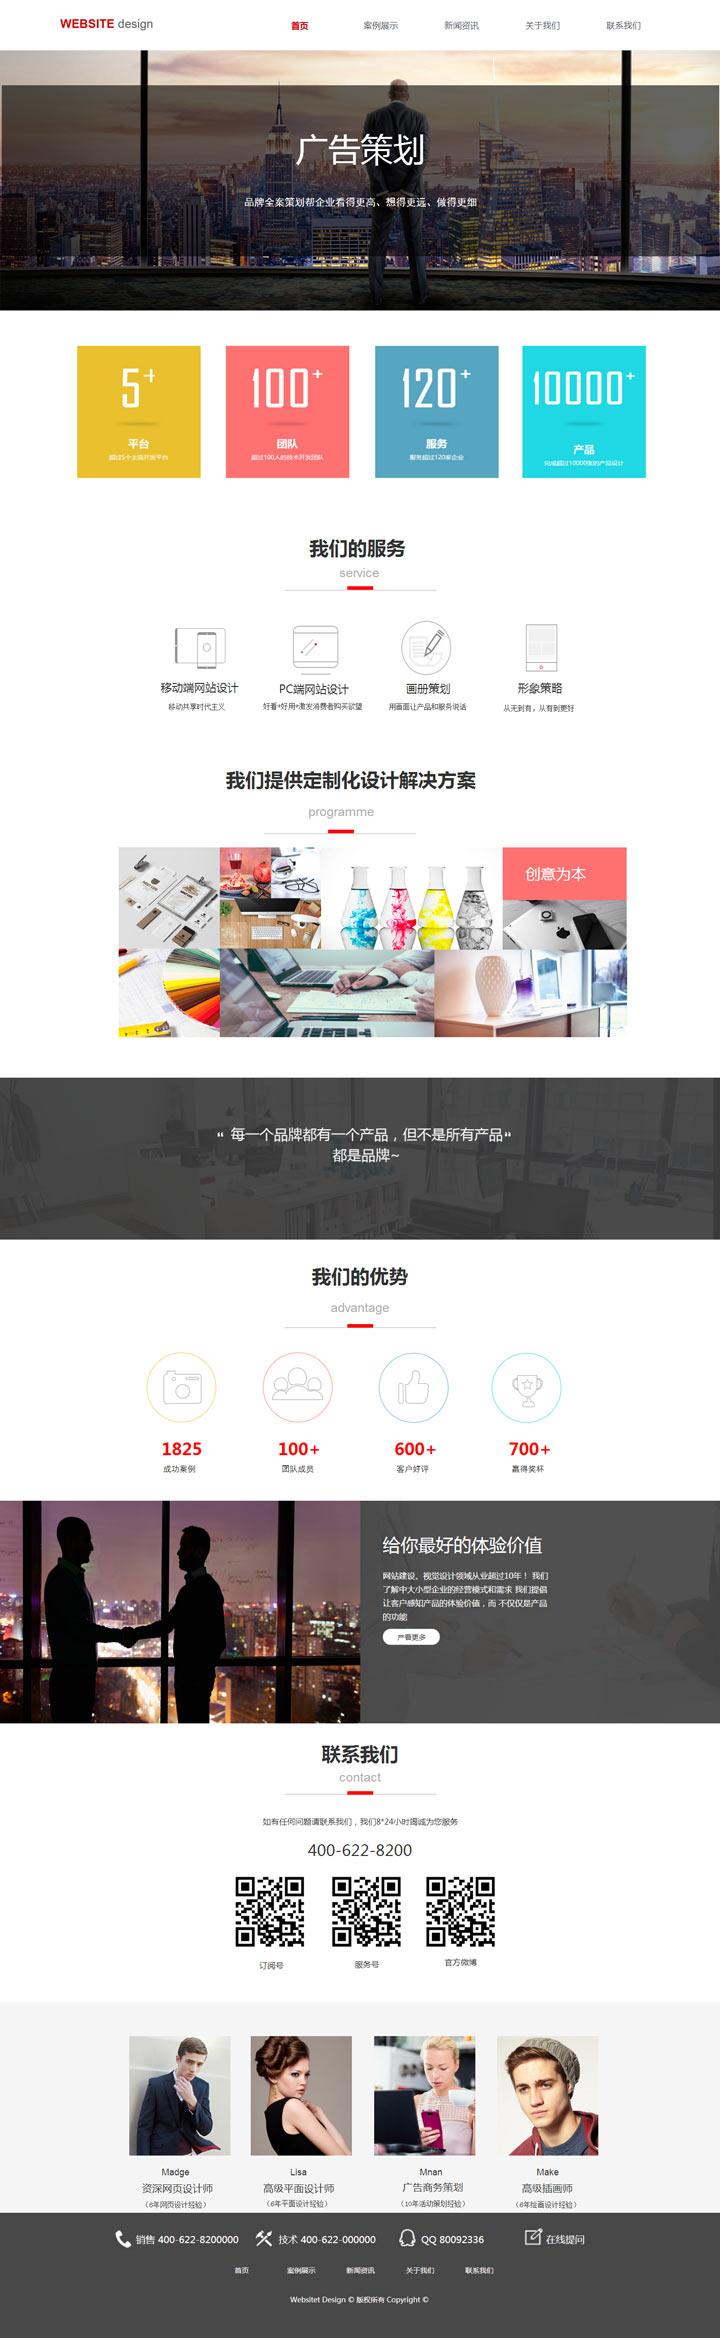 广告策划展示型网站